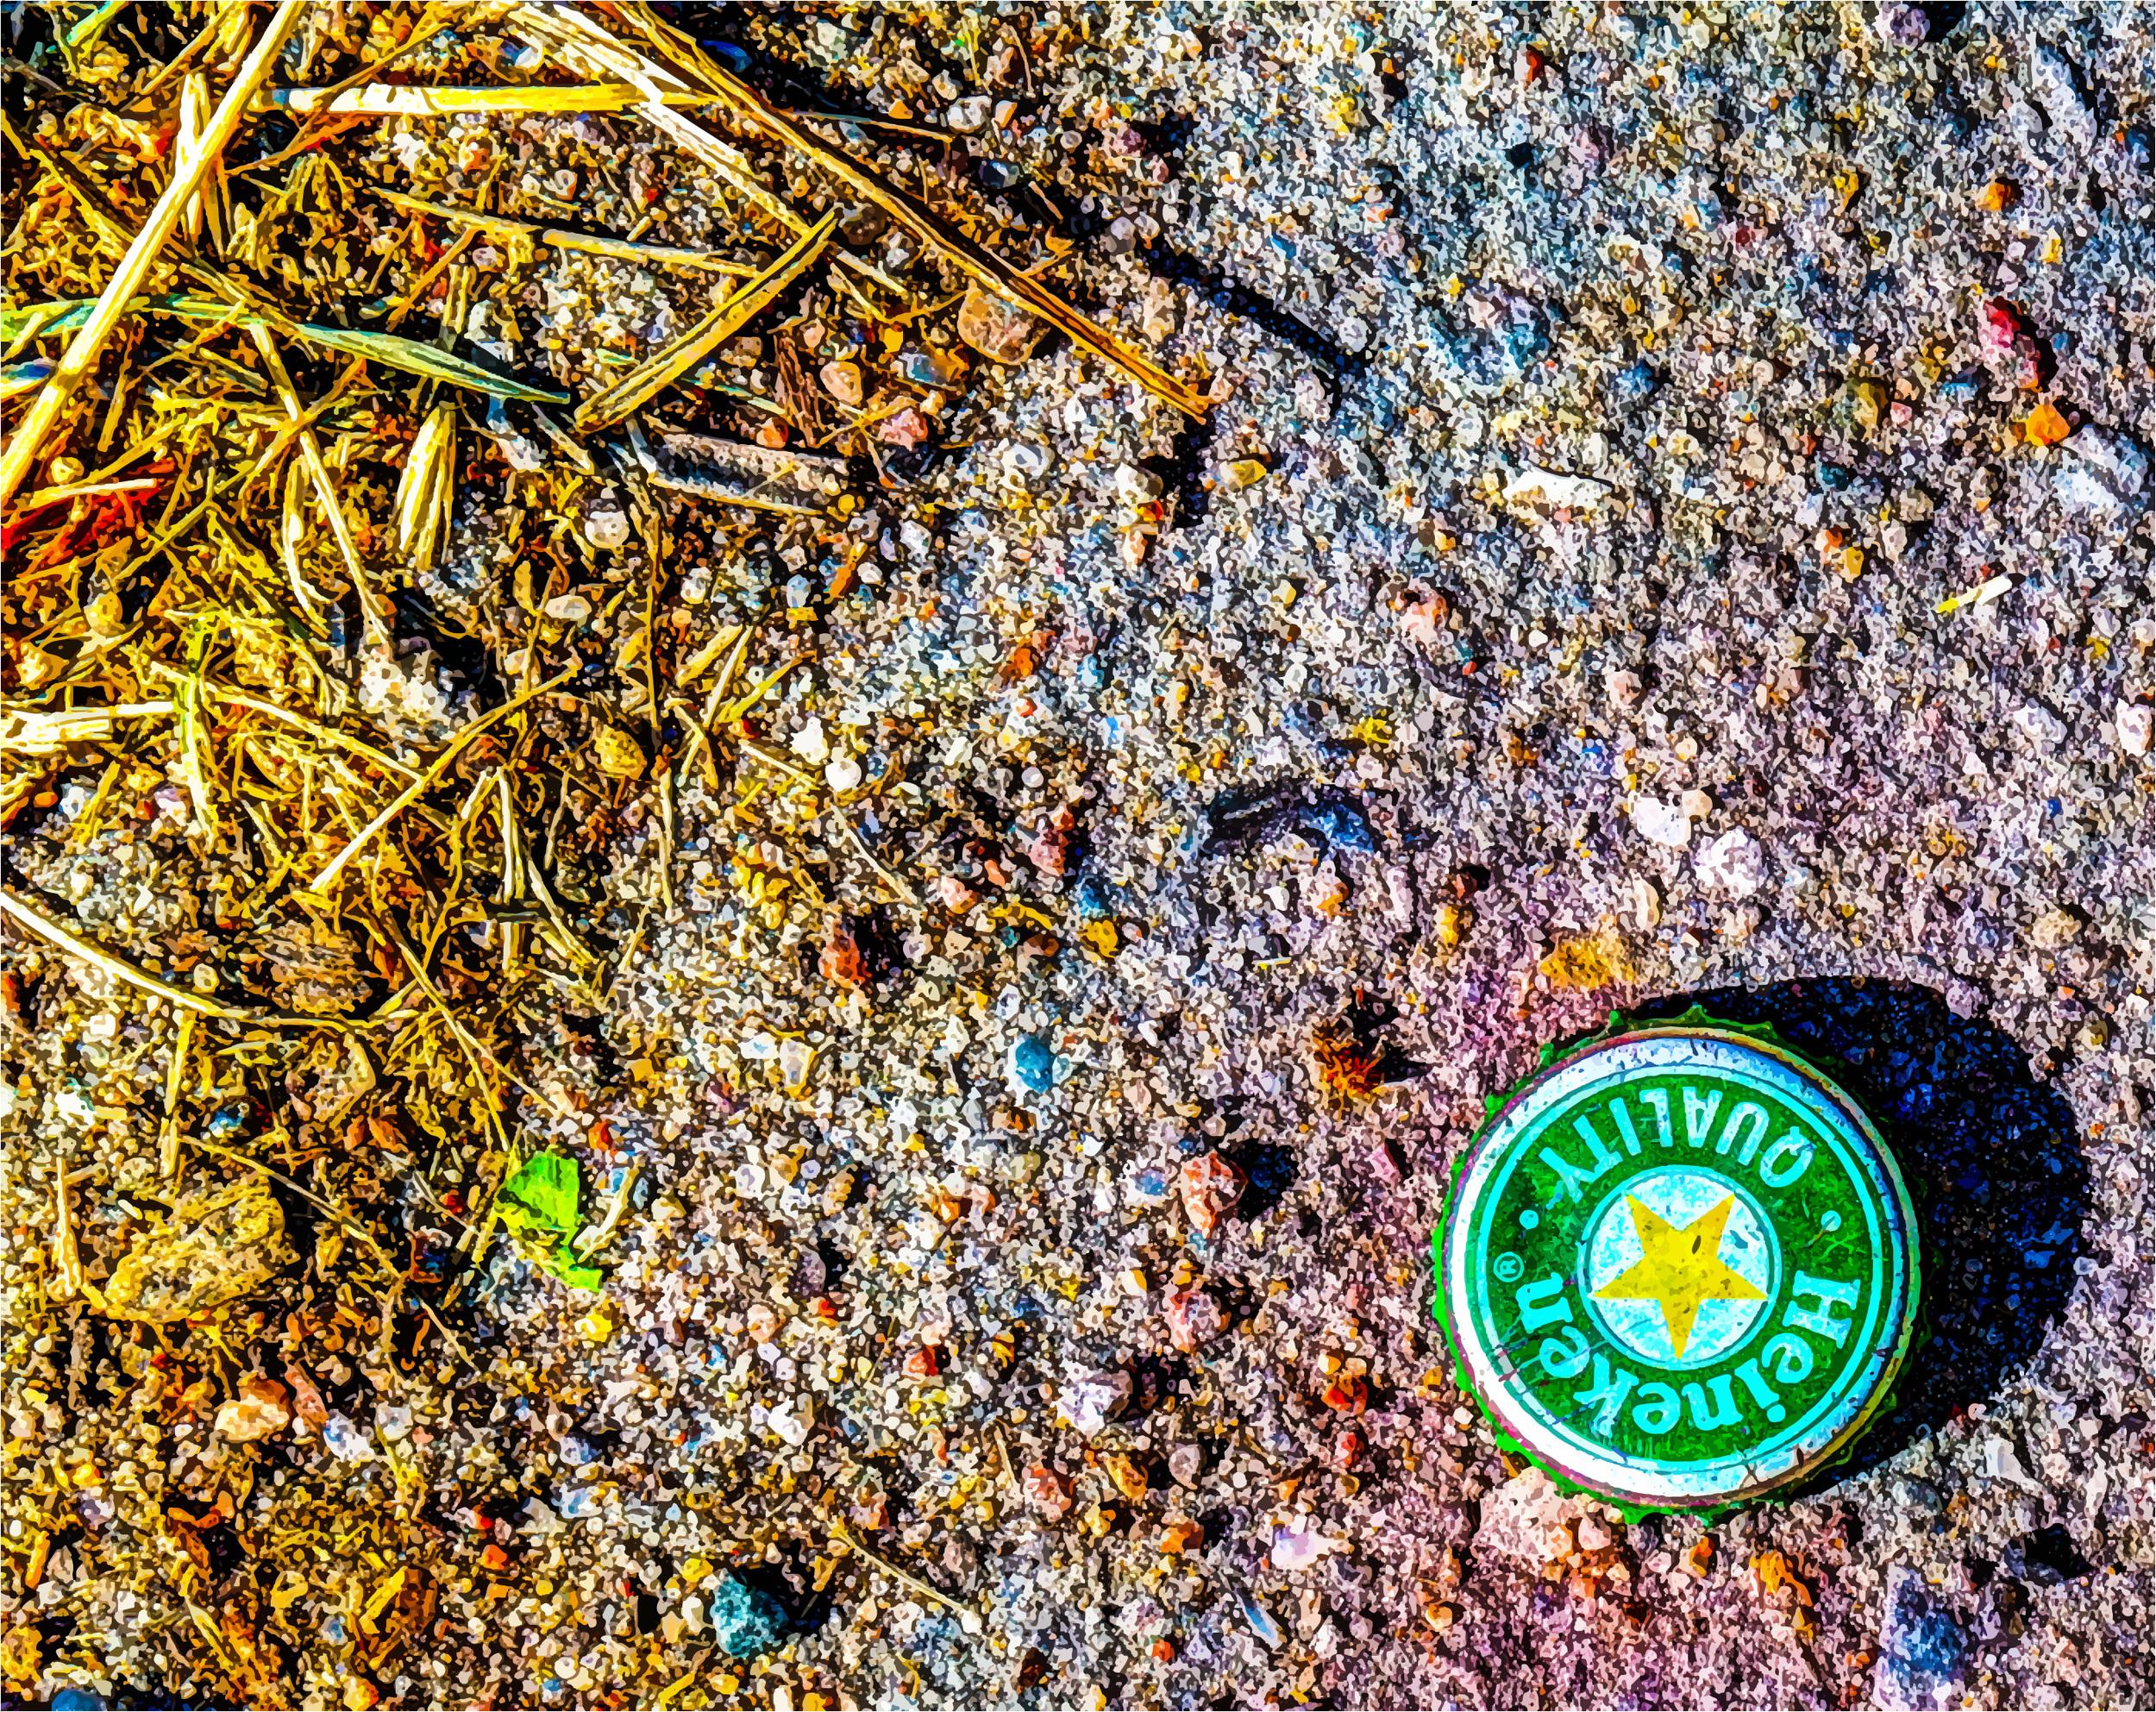 waste03-01-2-1-1v72.jpg